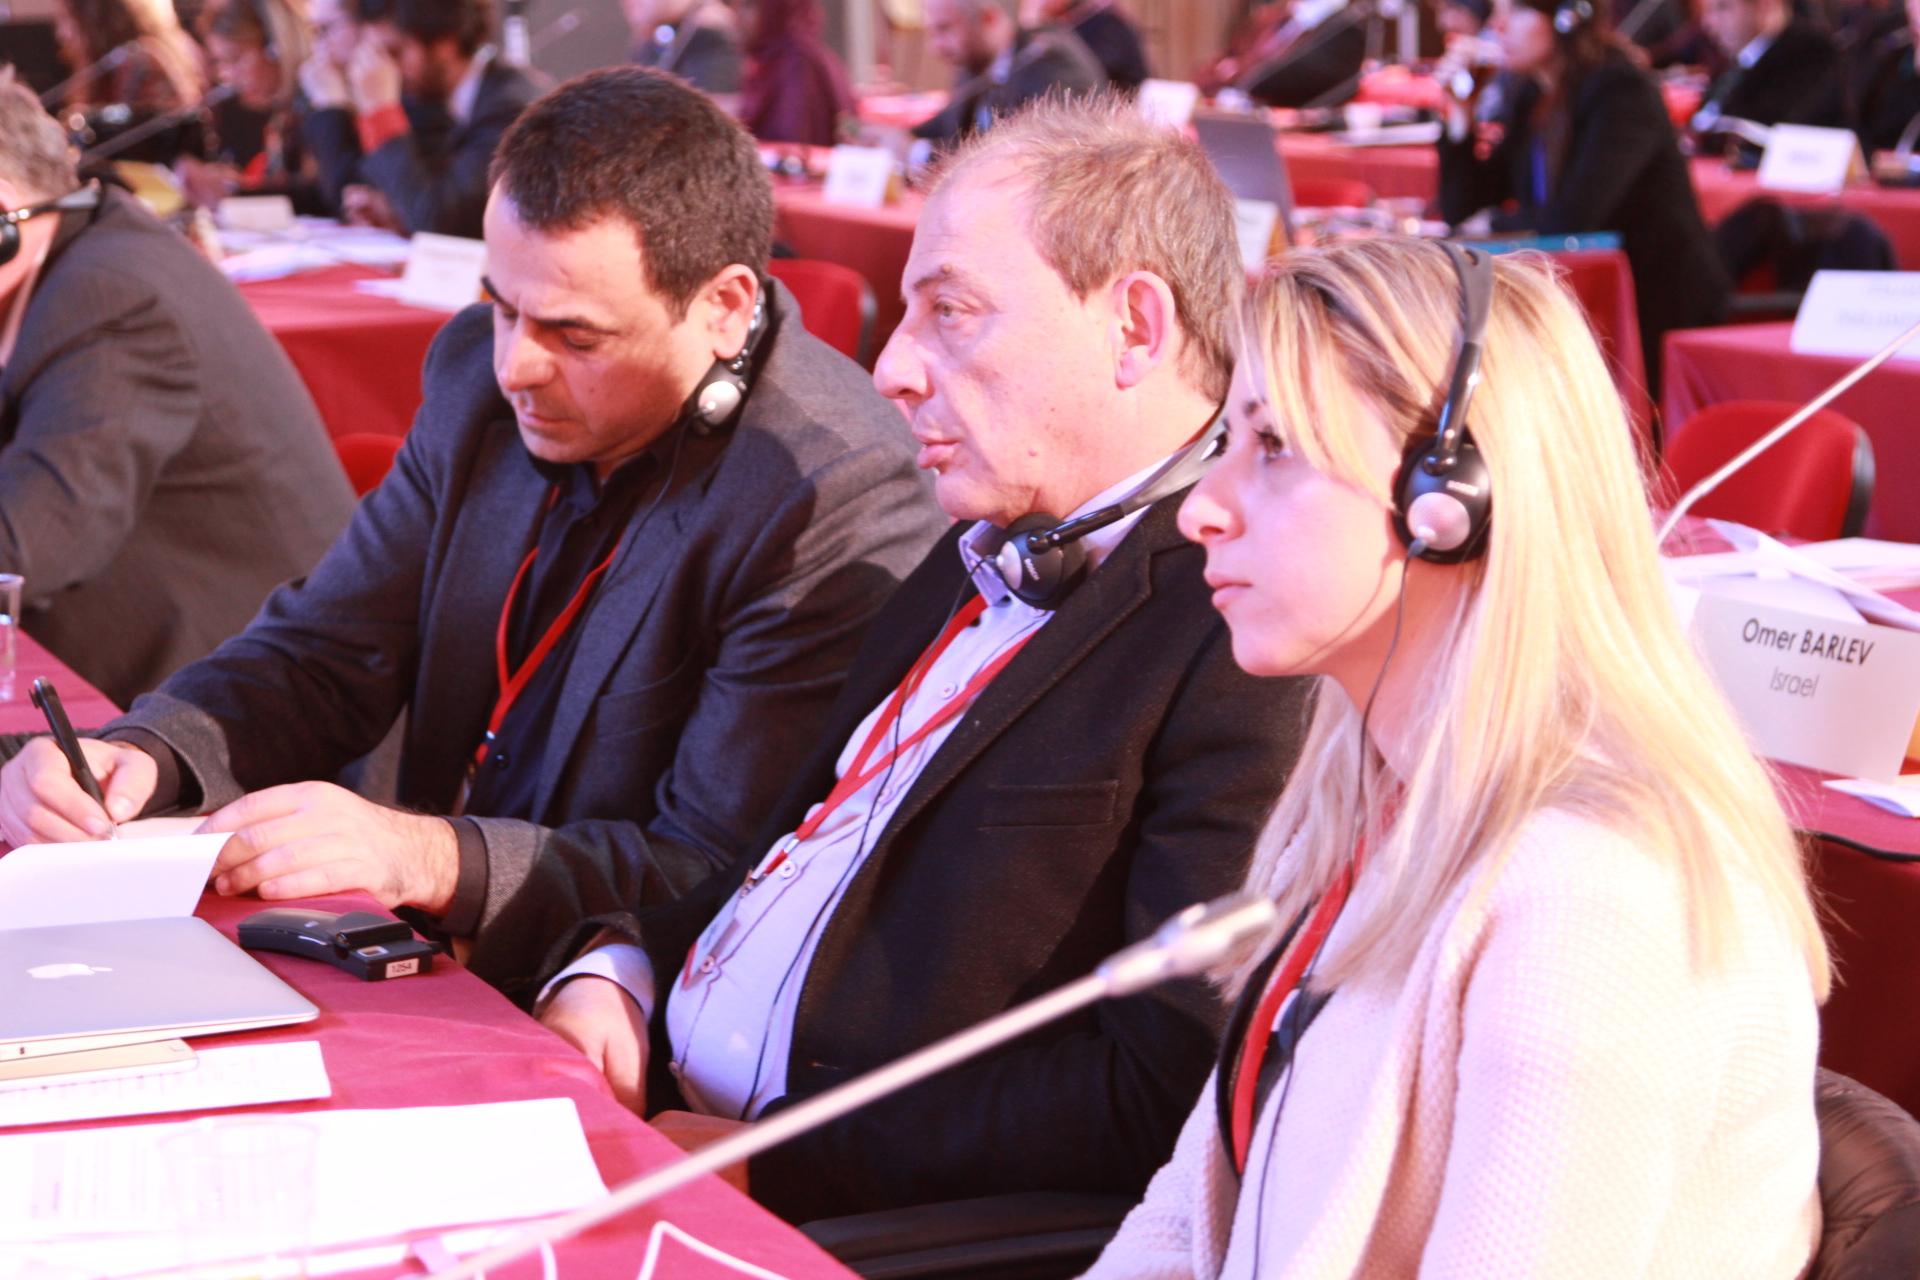 Παρουσία της Ελληνικής Αντιπροσωπείας στην Συνδιάσκεψη του ΝΑΤΟ για τη Μεσόγειο και τη Μέση Ανατολή